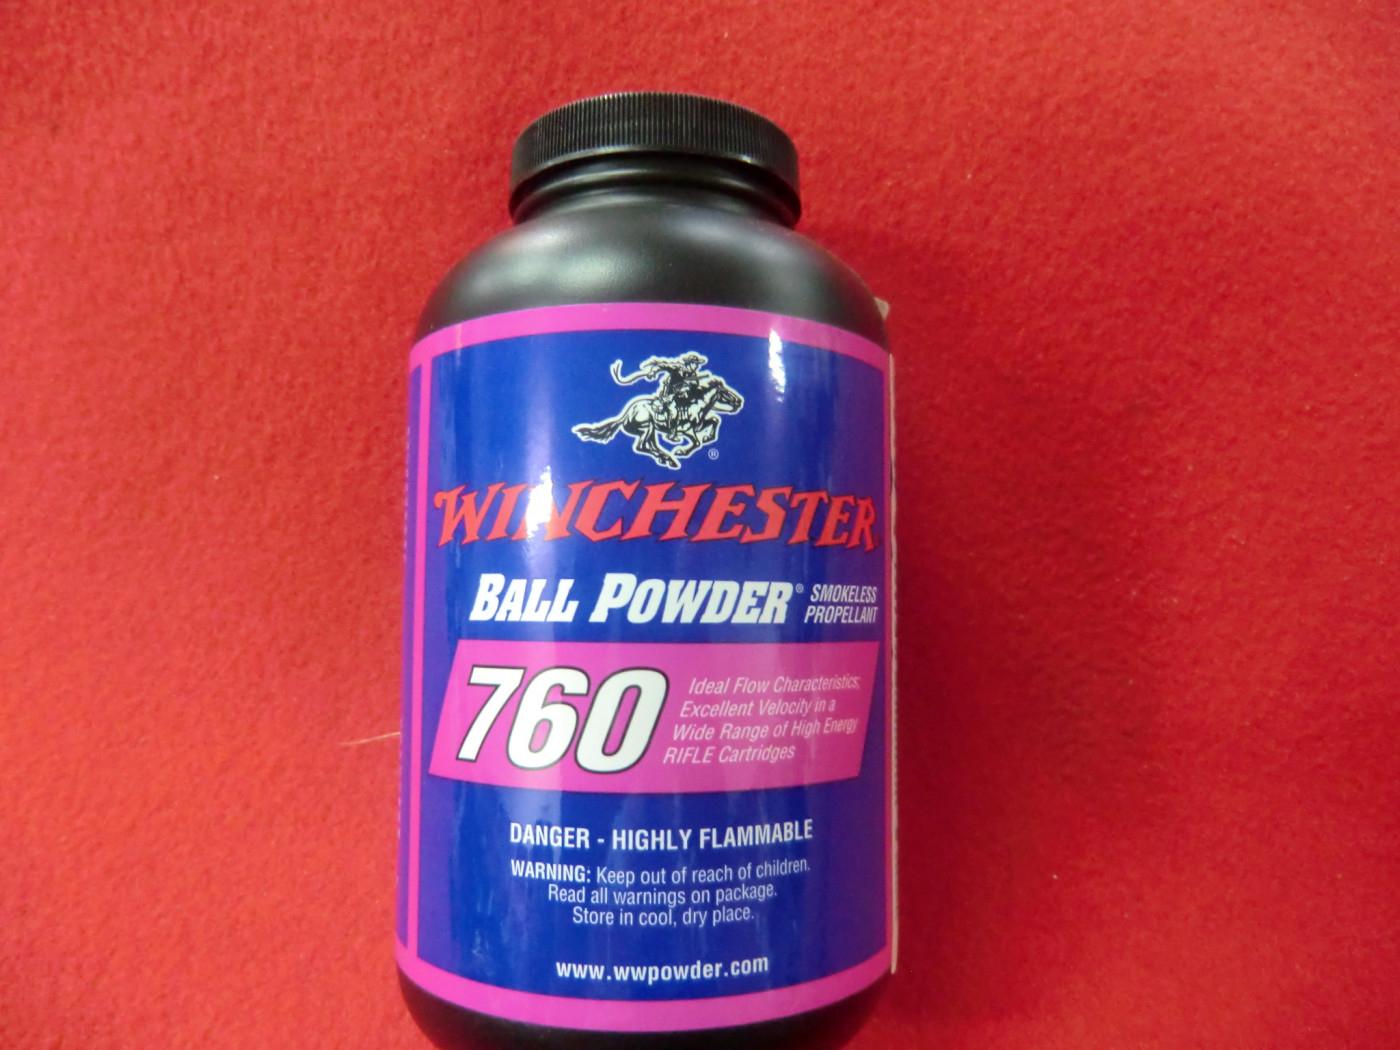 polvere winchester 760